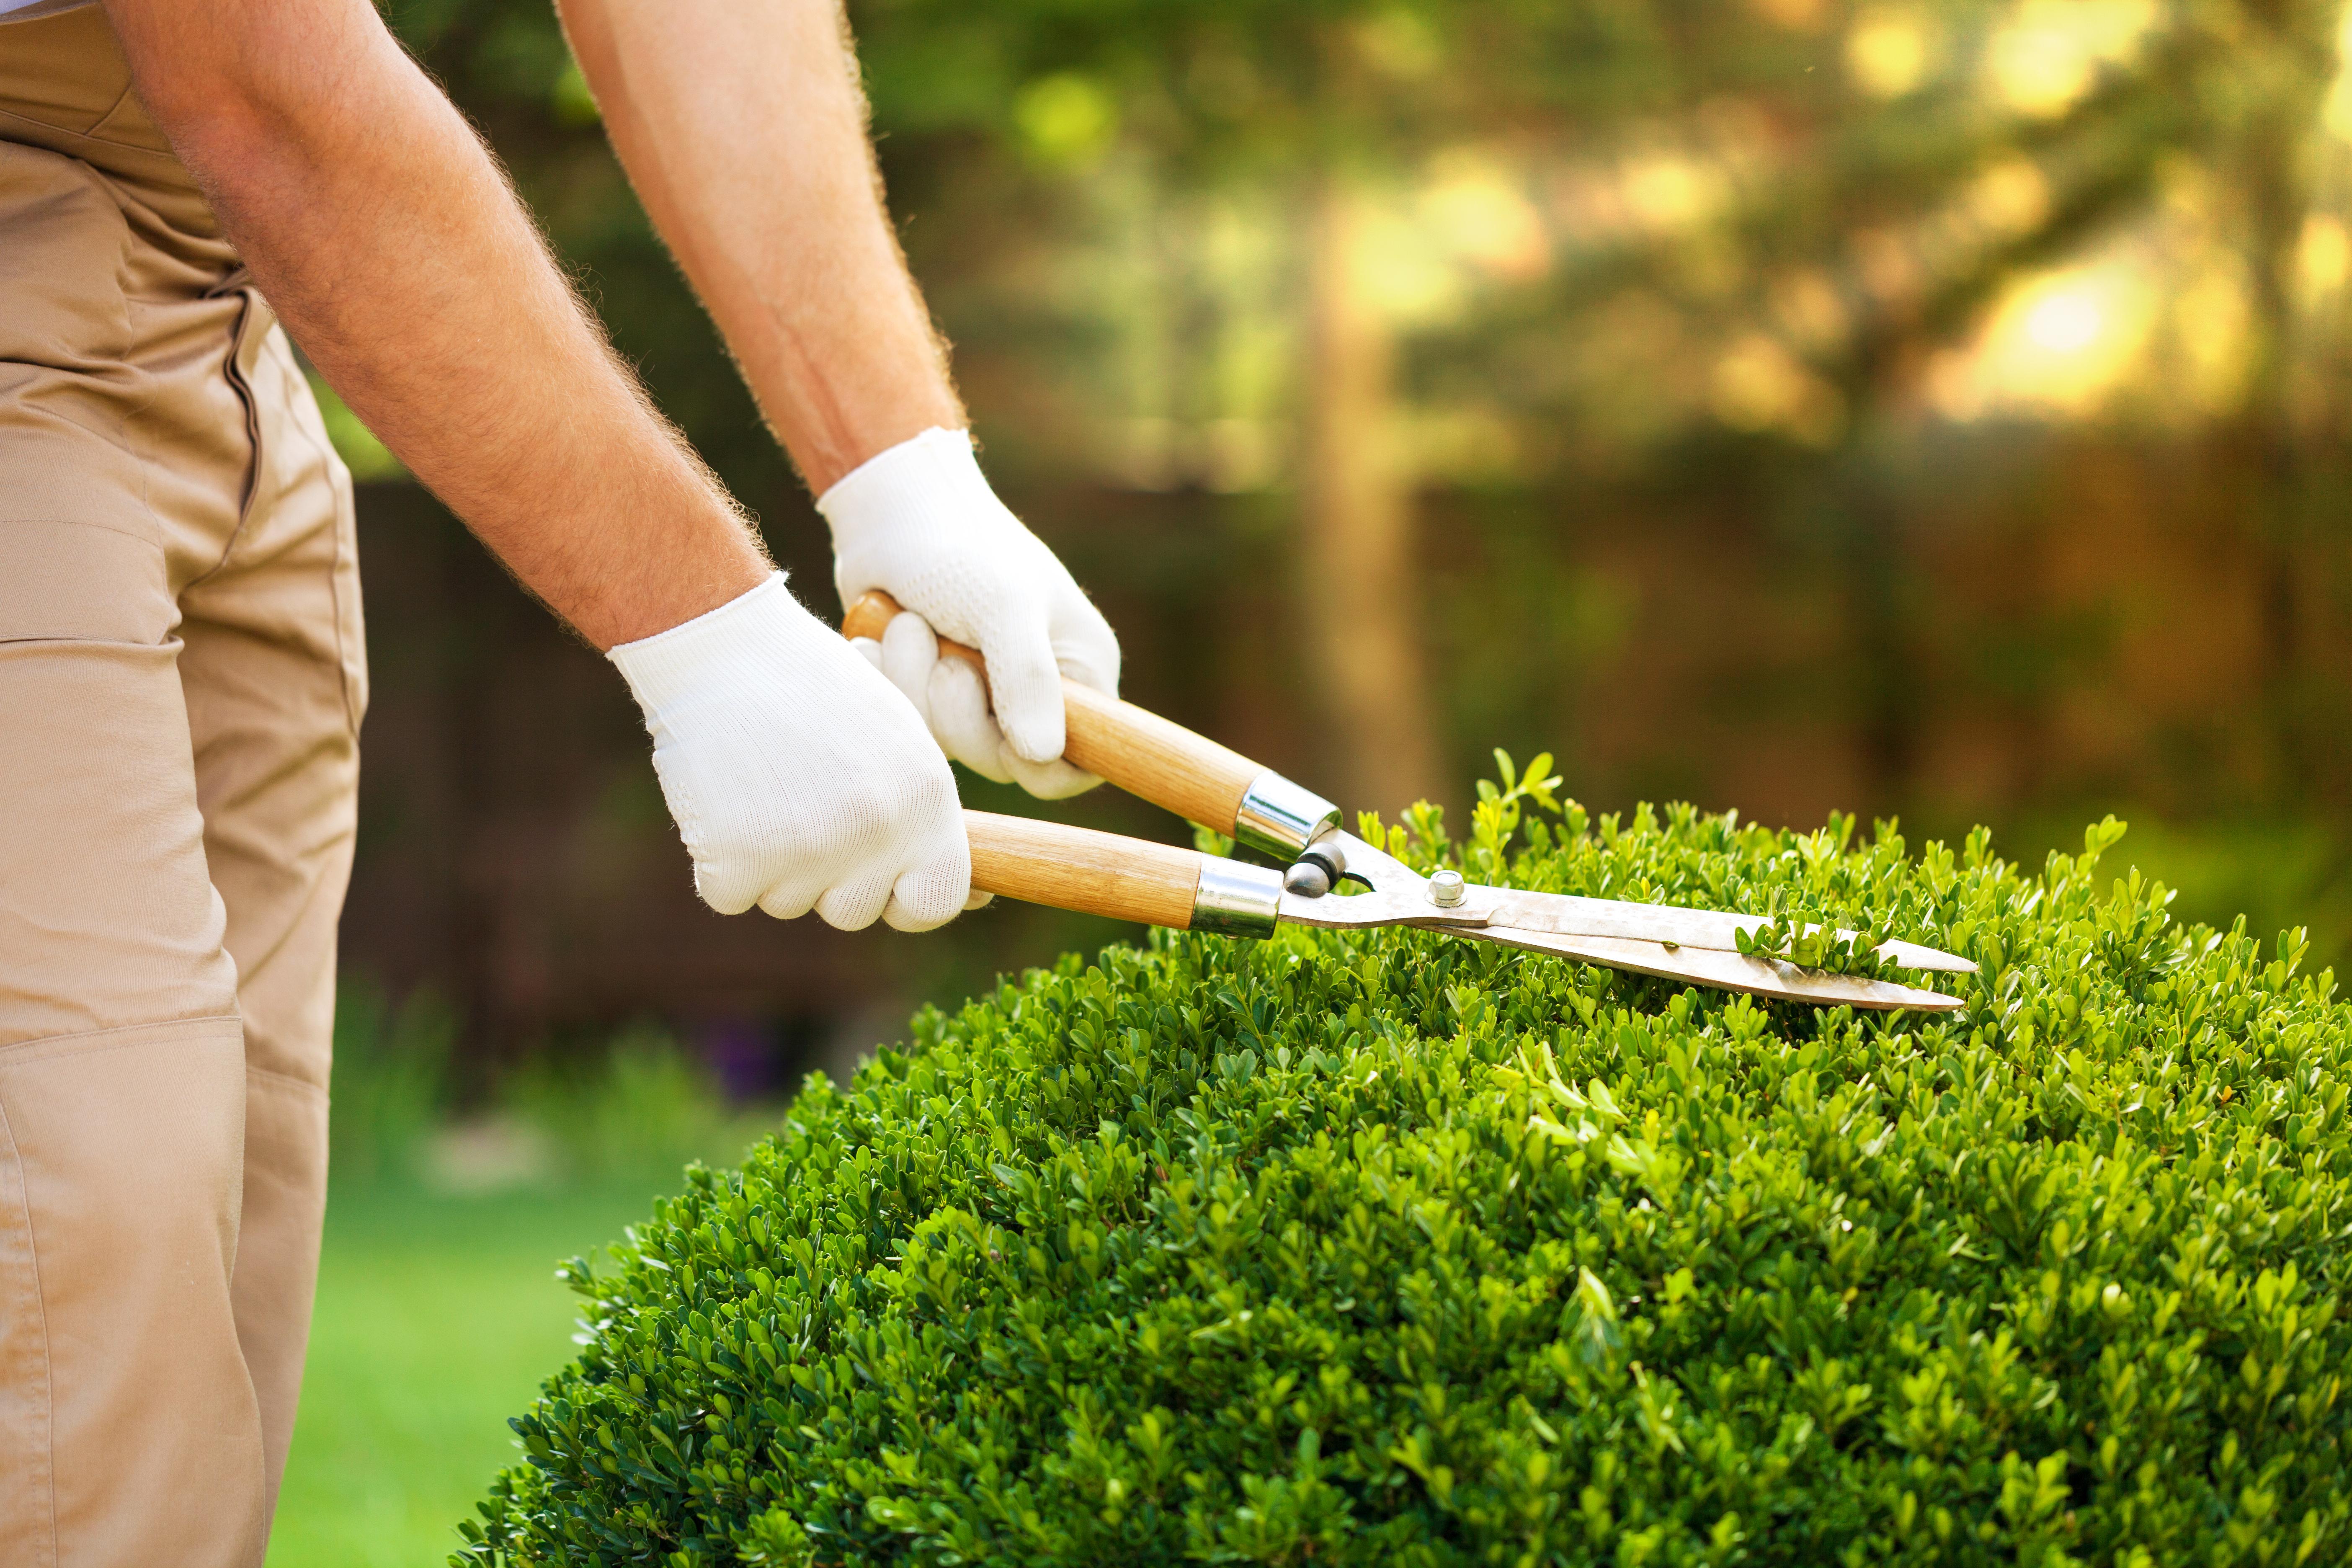 Manutenzione Giardini Milano E Provincia manutenzione giardini verona e provincia | impresa di